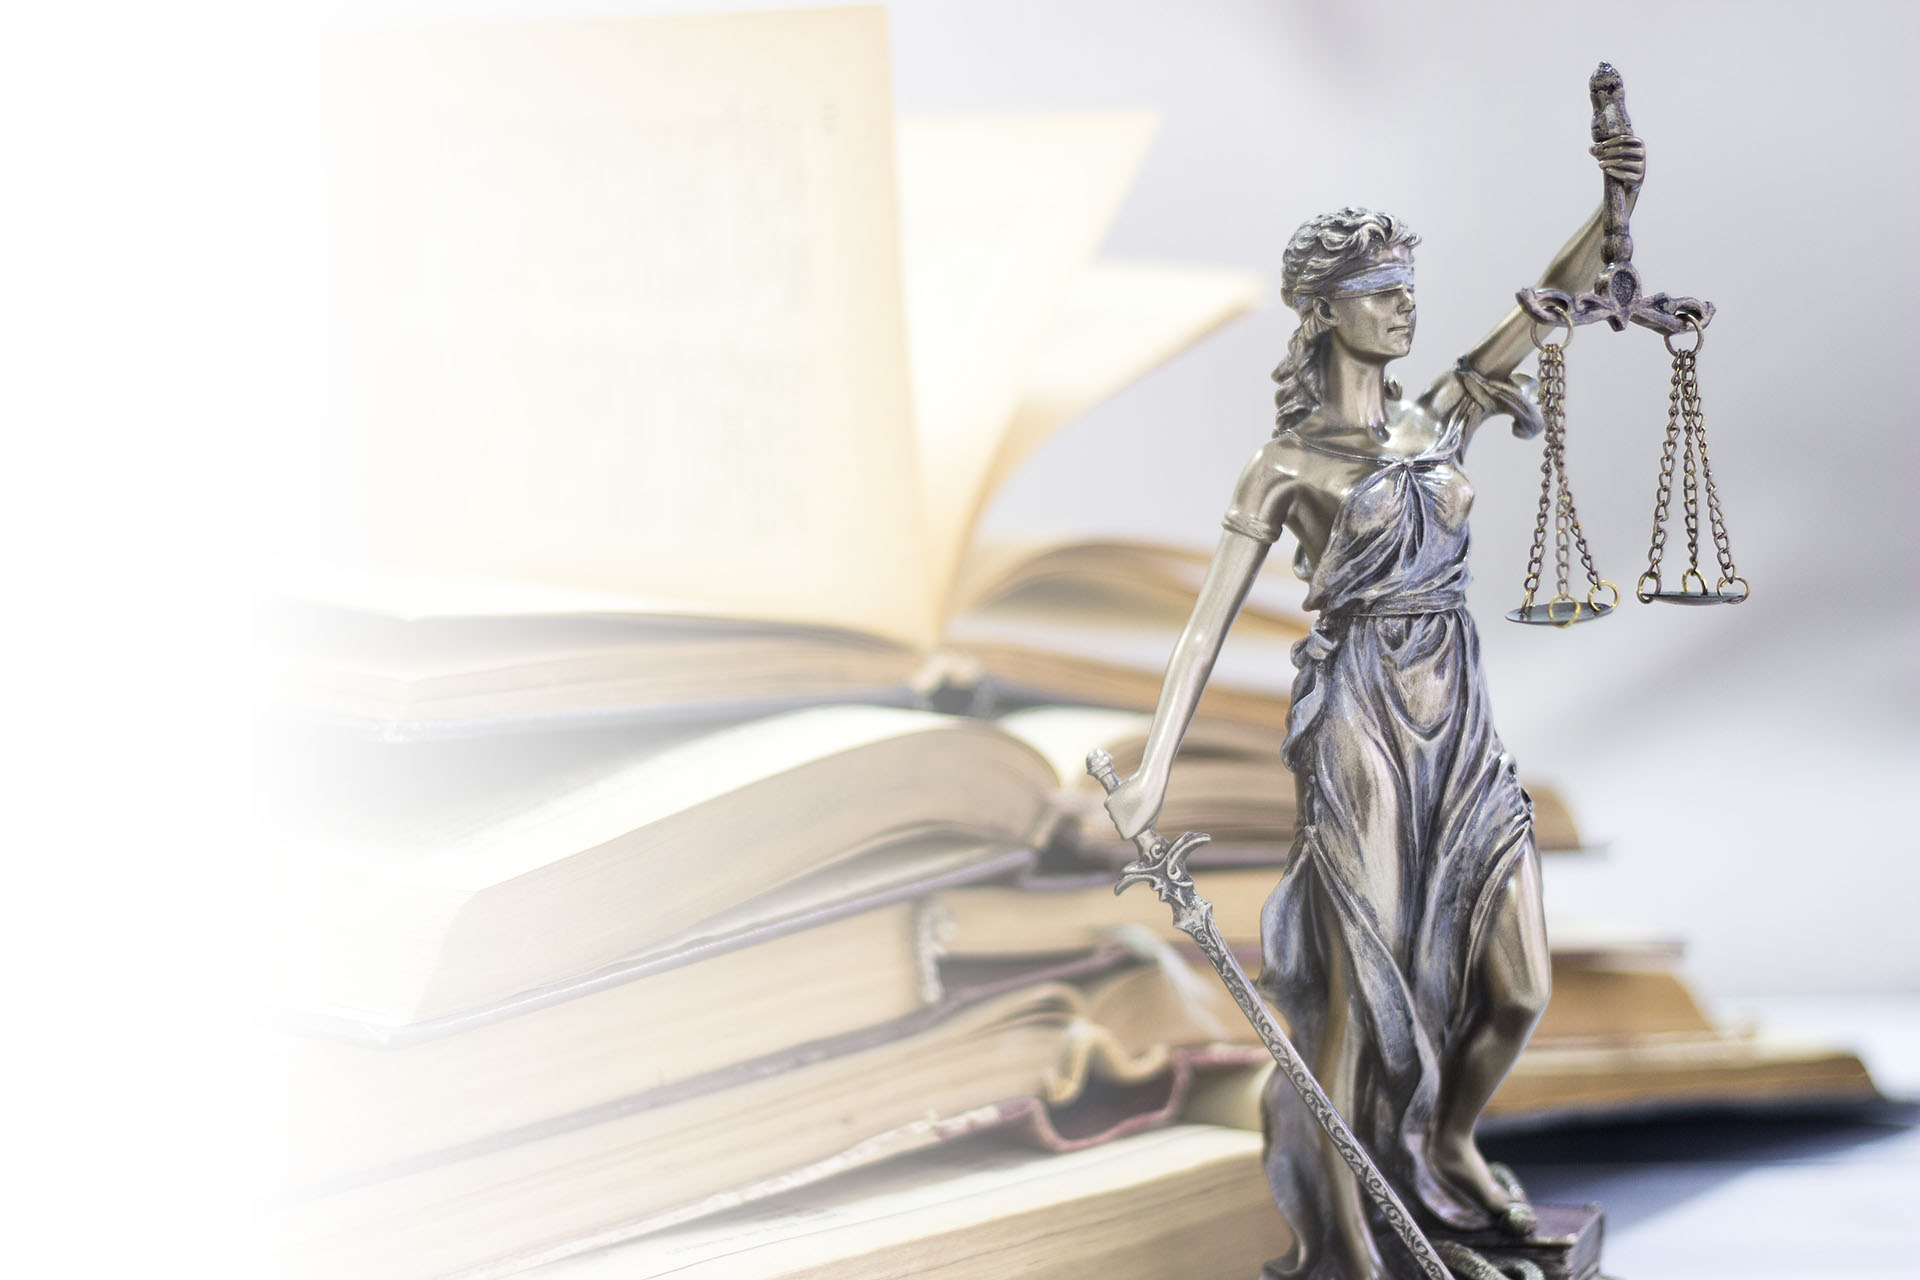 Kancelaria Prawna Julia Barleska